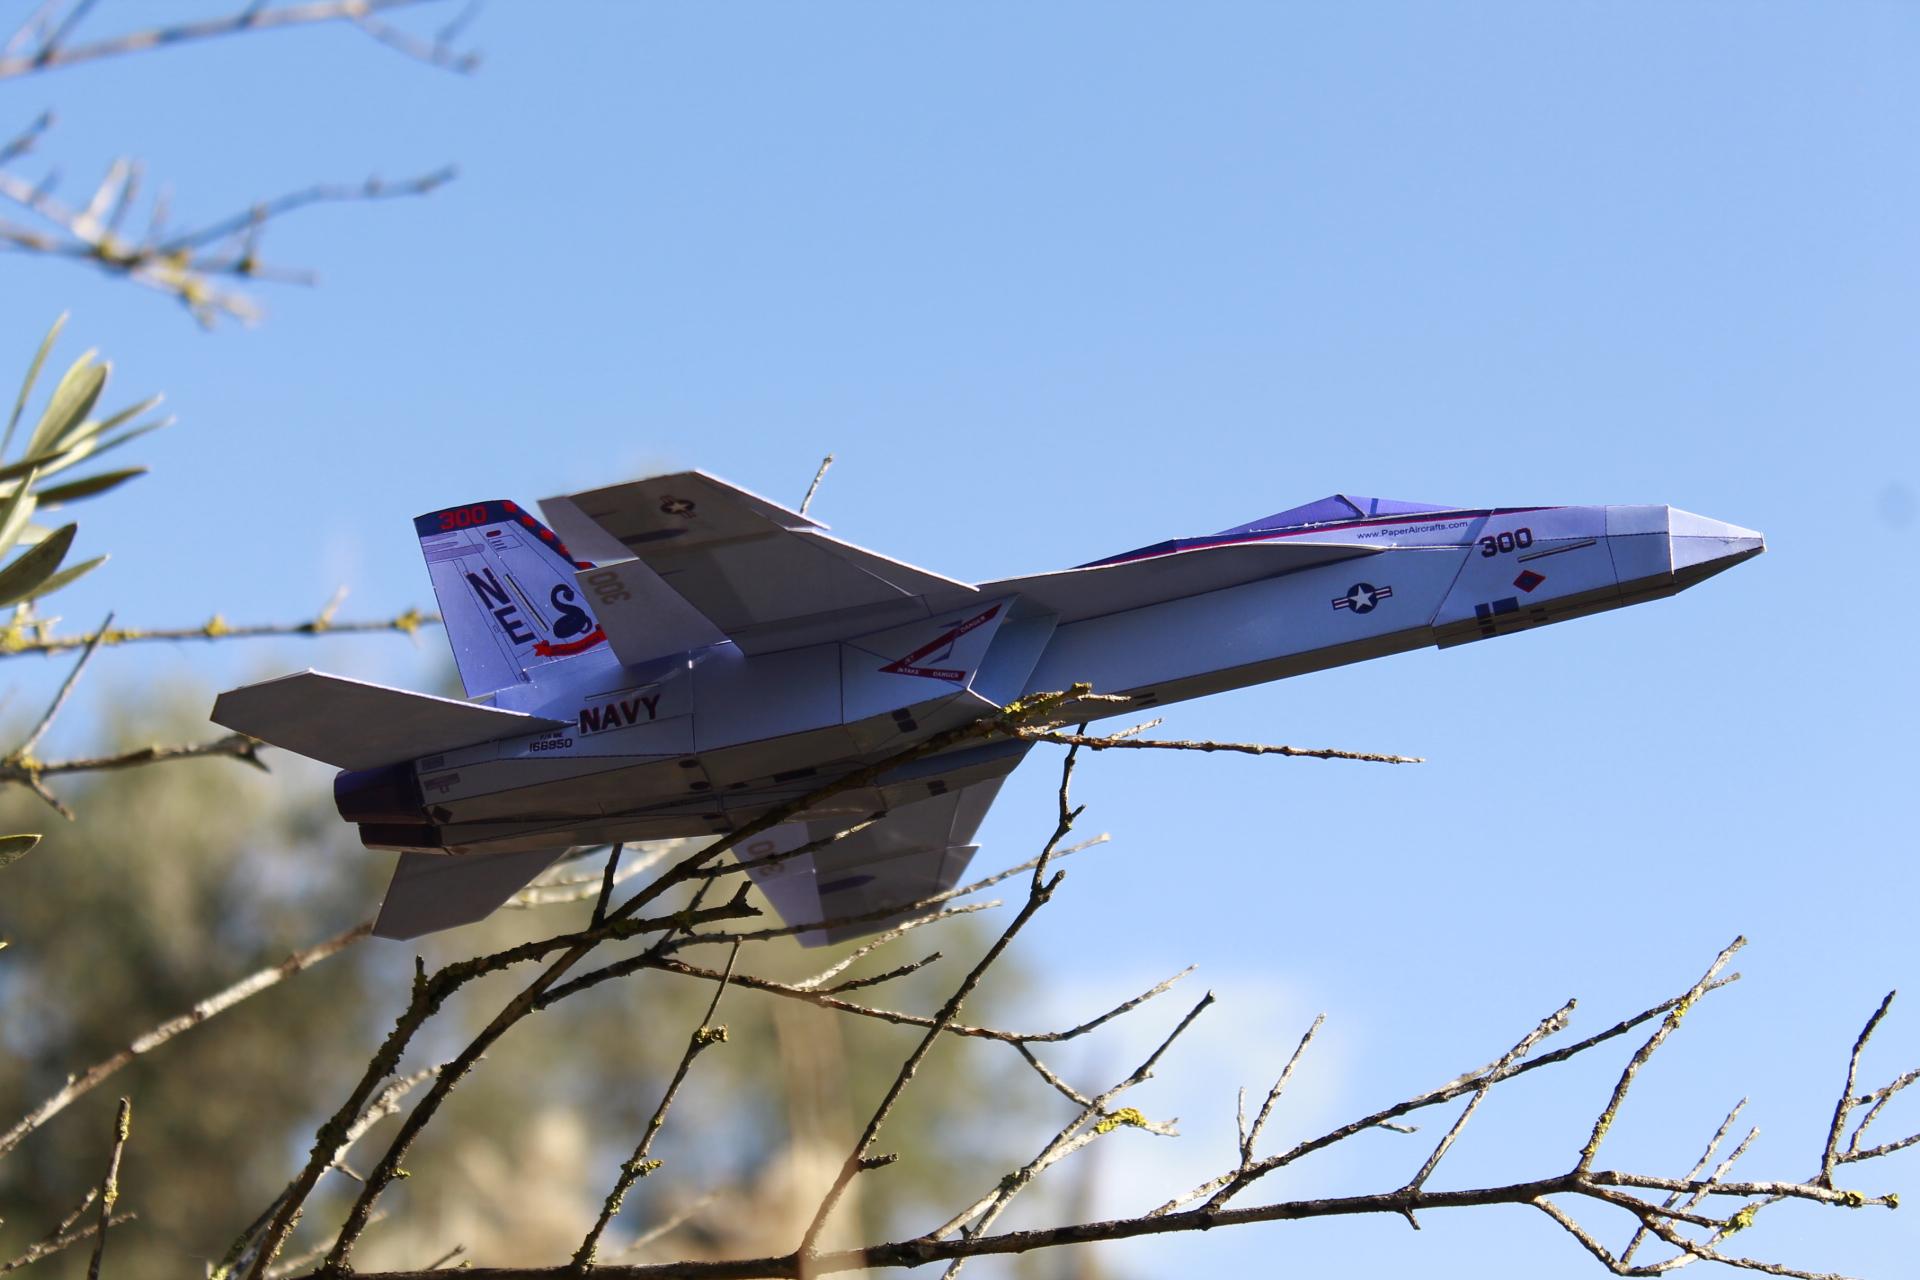 F-18E-VFA-86-P6